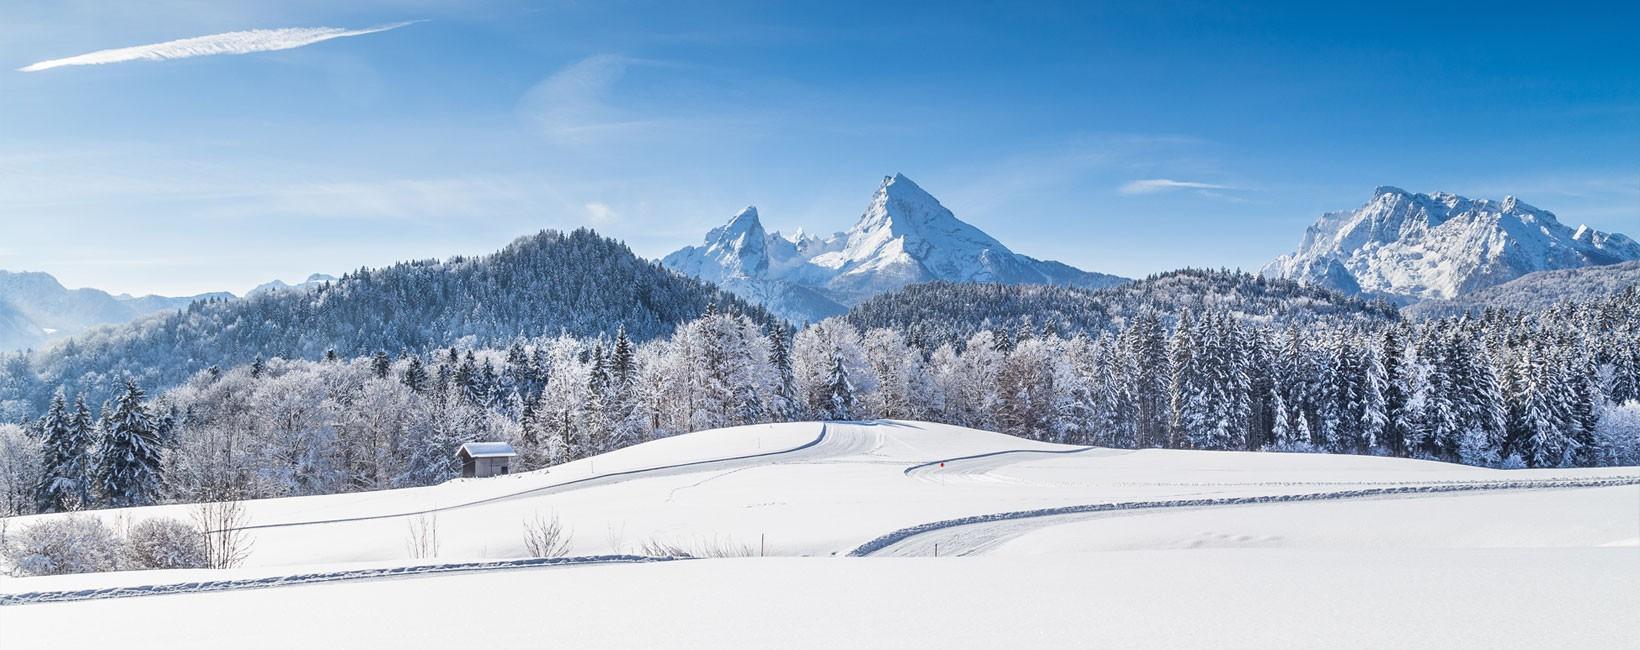 Unterkünfte in Bischofswiesen - Winterurlaub